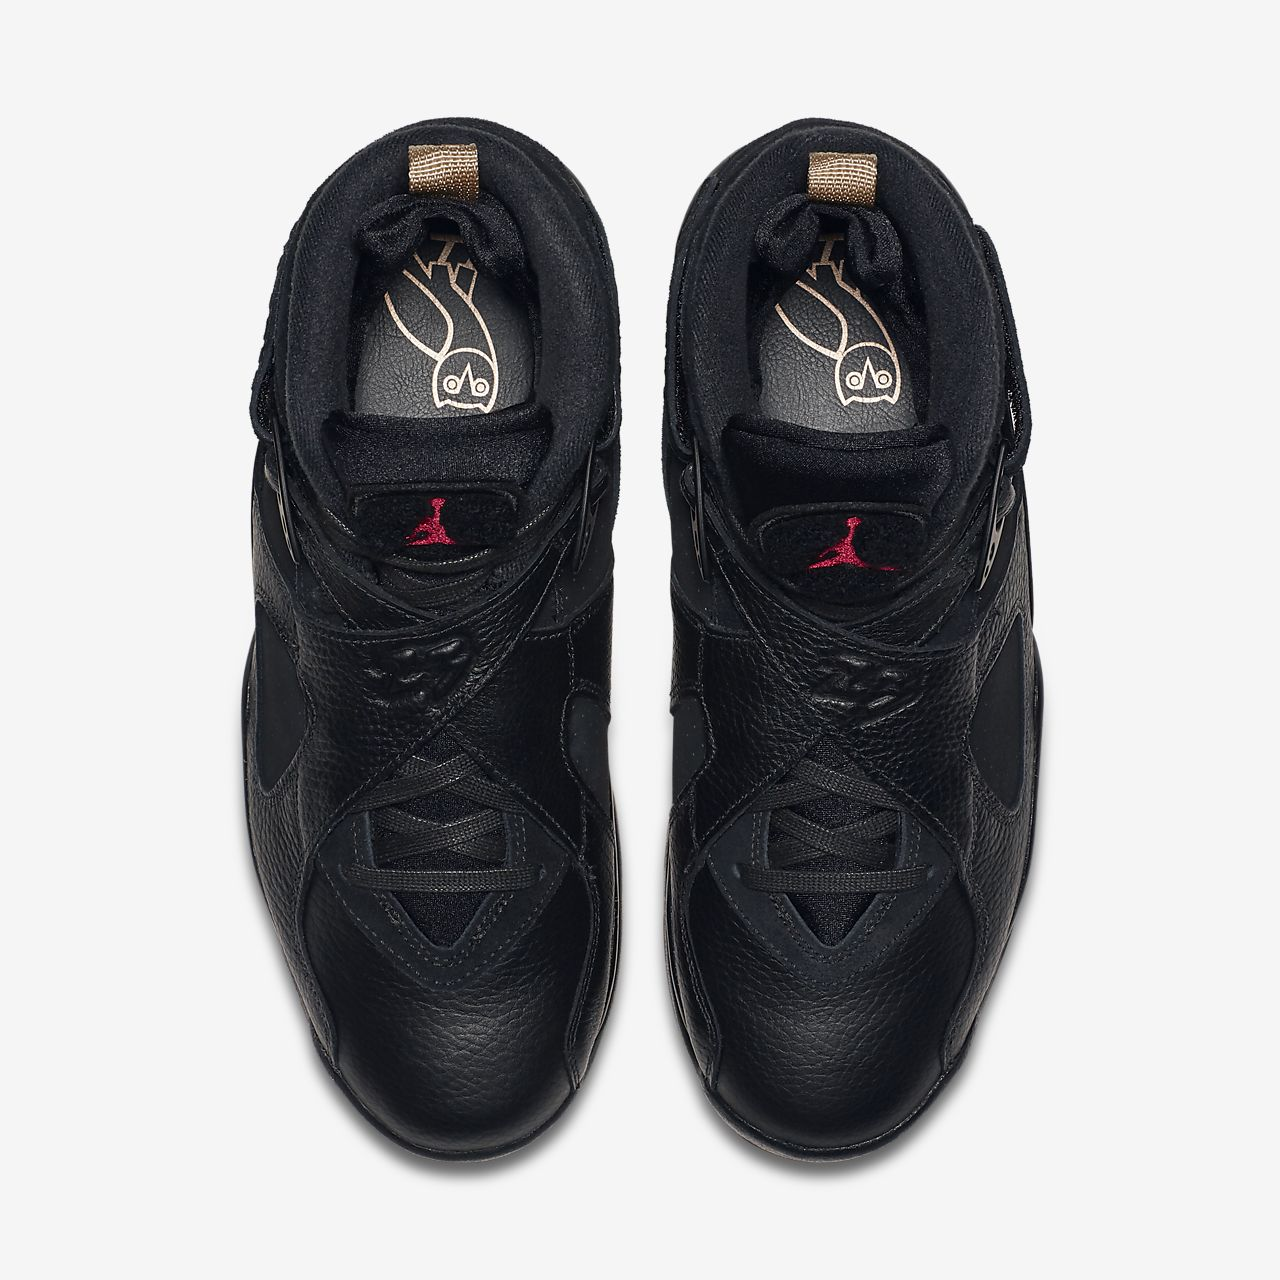 97063f055c92 Air Jordan 8 Retro OVO Men s Shoe. Nike.com IN